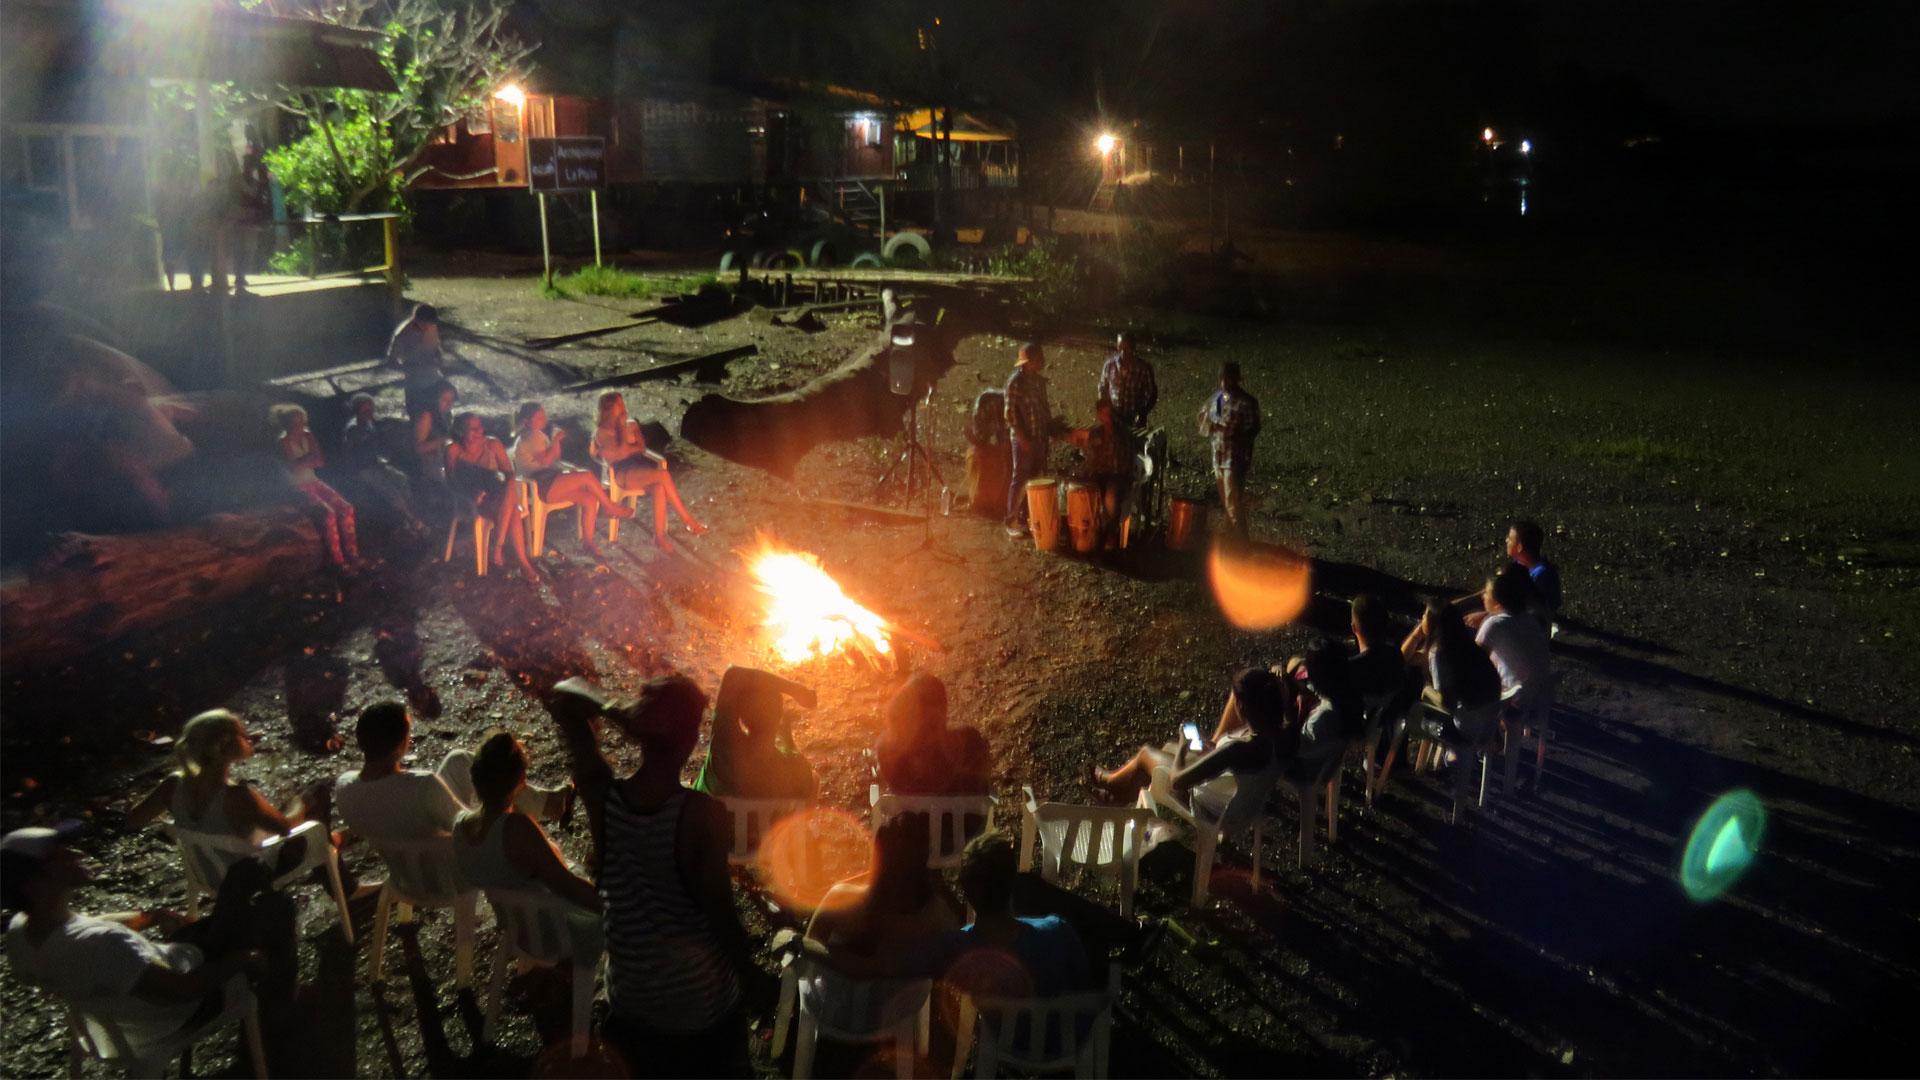 Fotografía de una fiesta nocturna con fogata y música folclórica